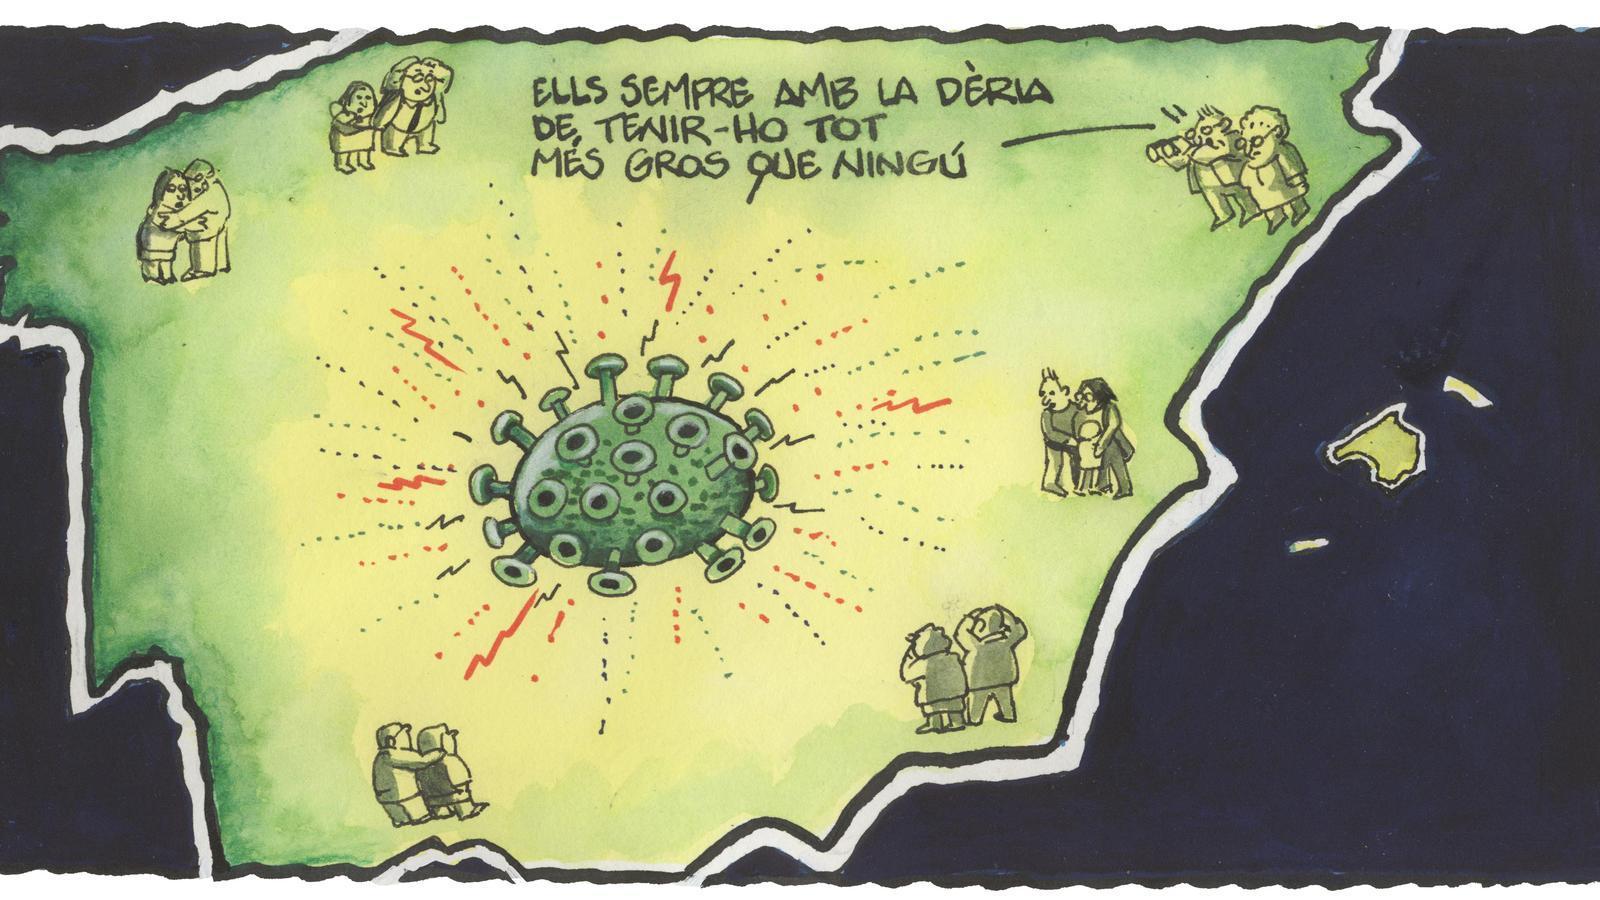 'A la contra', per Ferreres 07/10/2020